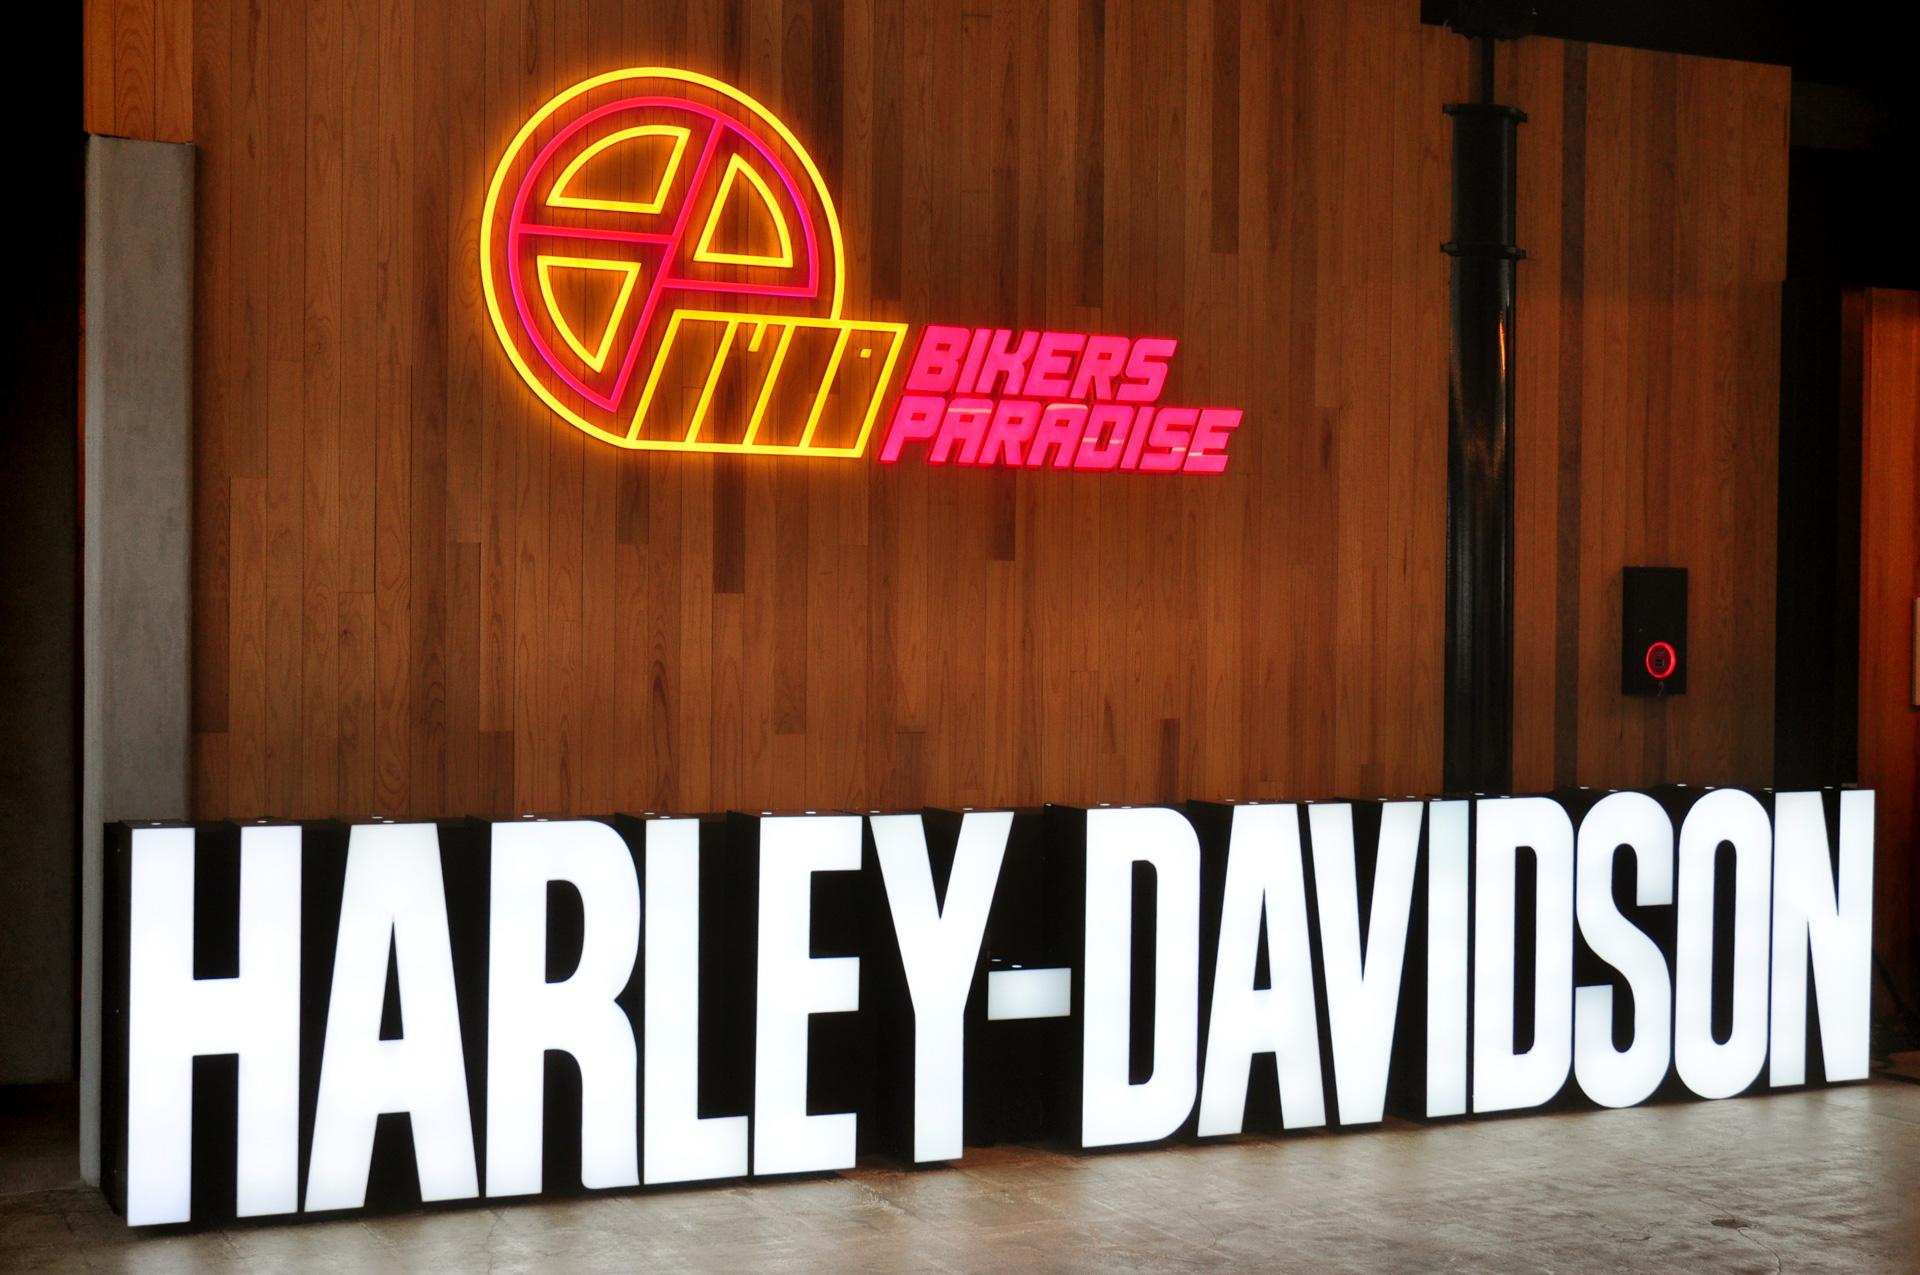 バイカーズパラダイス南箱根で開催中の「Harley Month」